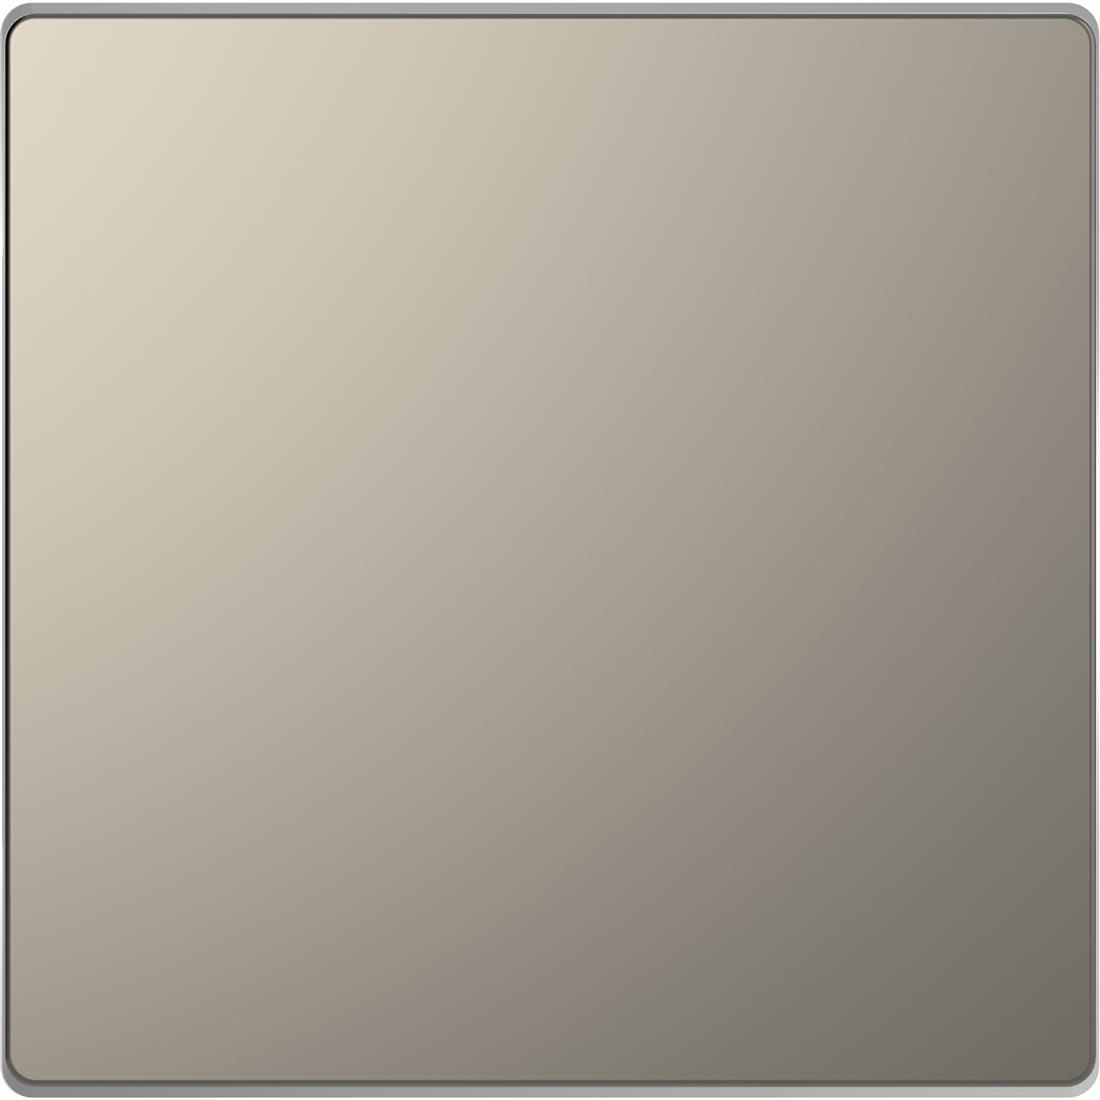 Schneider-Merten D Life blindplaat - nikkel metallic (MTN4075-6050)